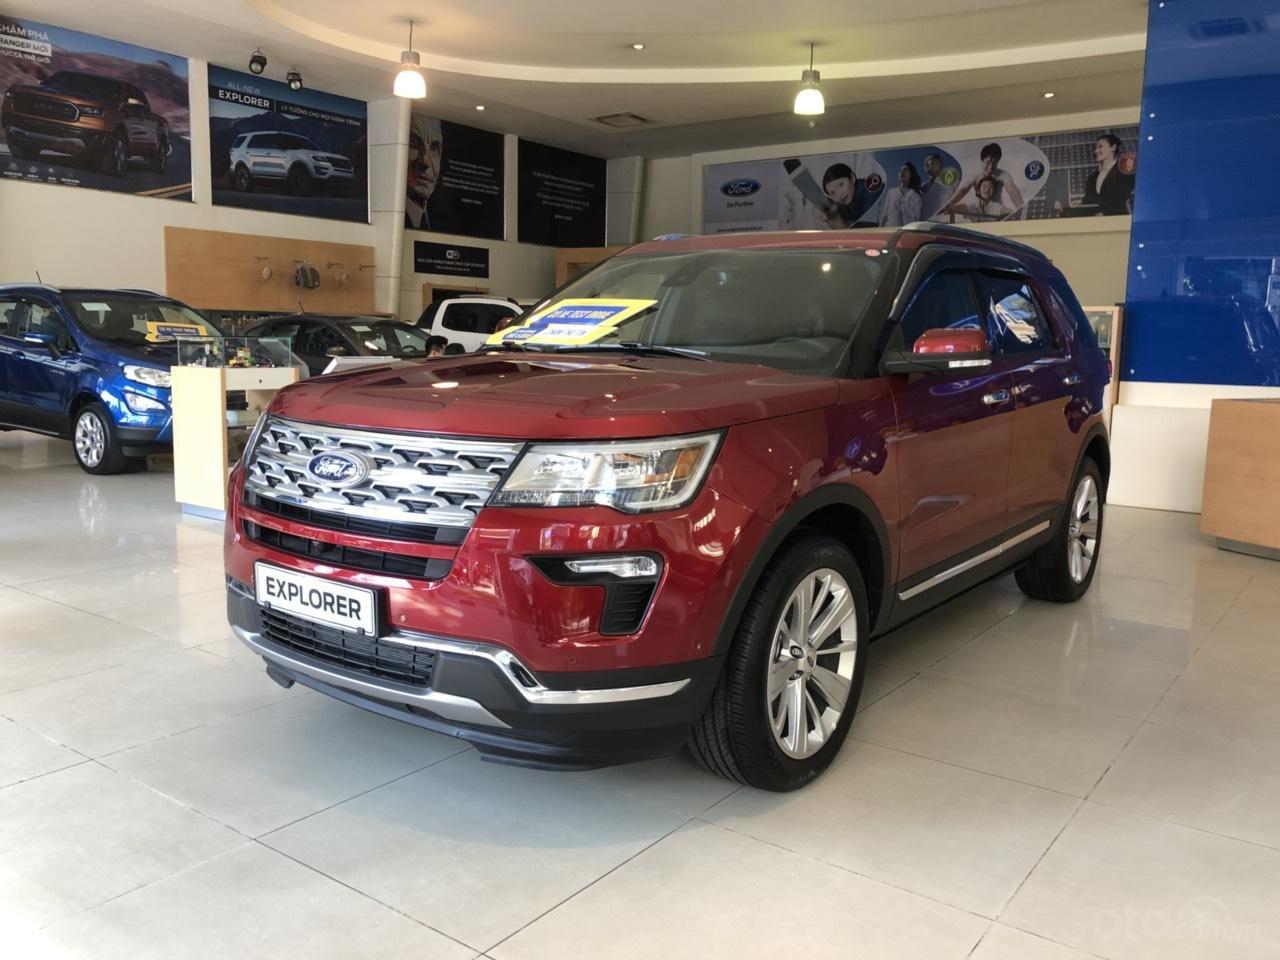 Ford Explorer Ecoboost Limited khuyến mãi khủng tặng phụ kiện giá trị (9)